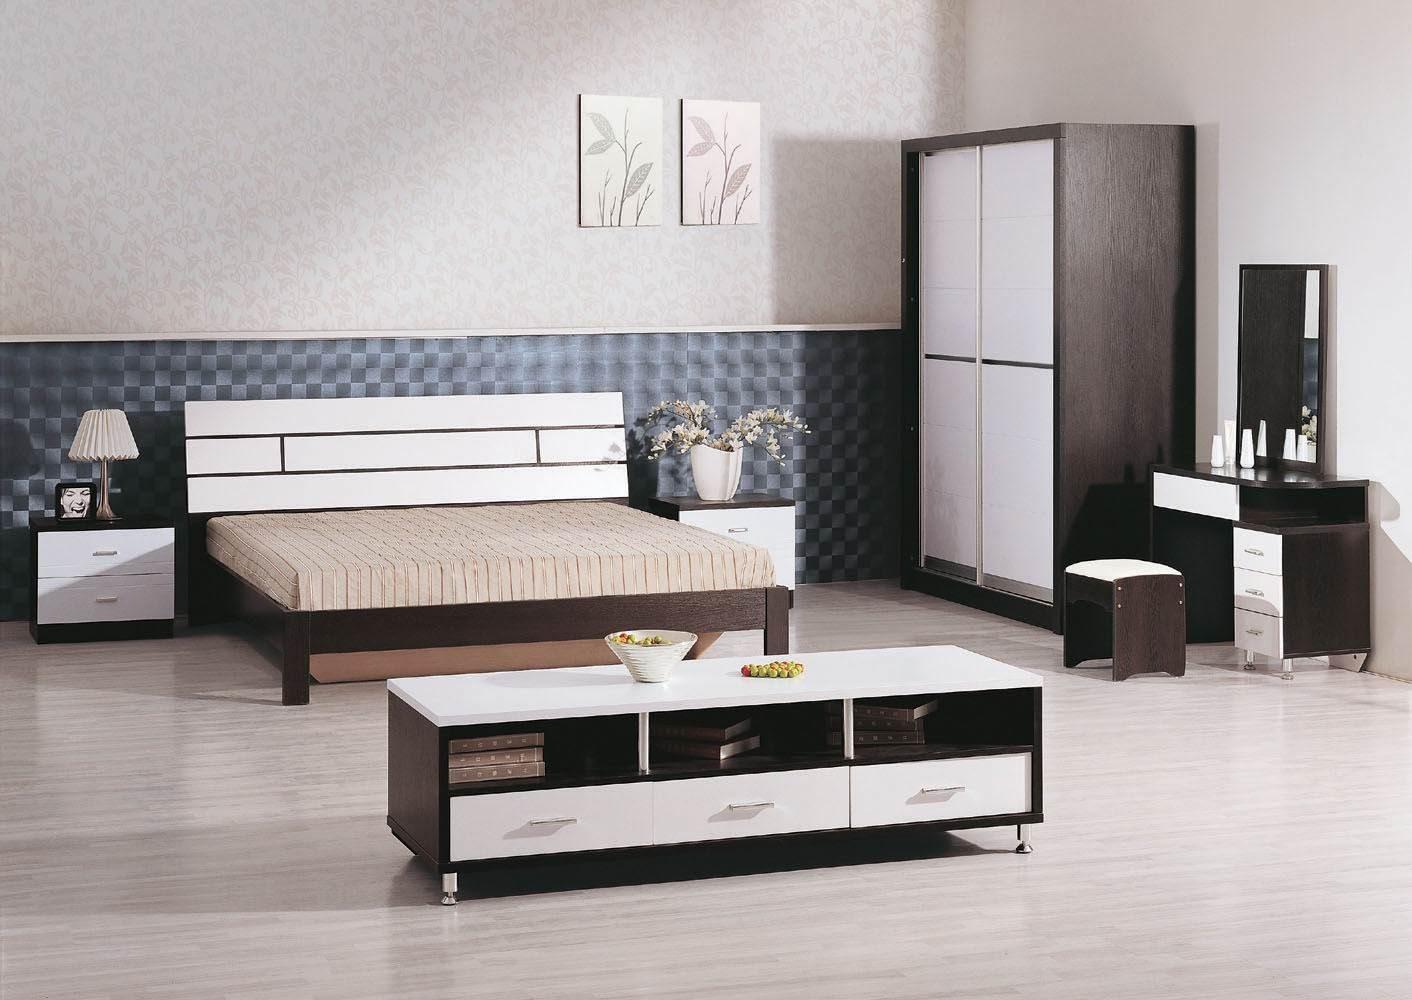 muebles modernos para dormitorios im genes y fotos